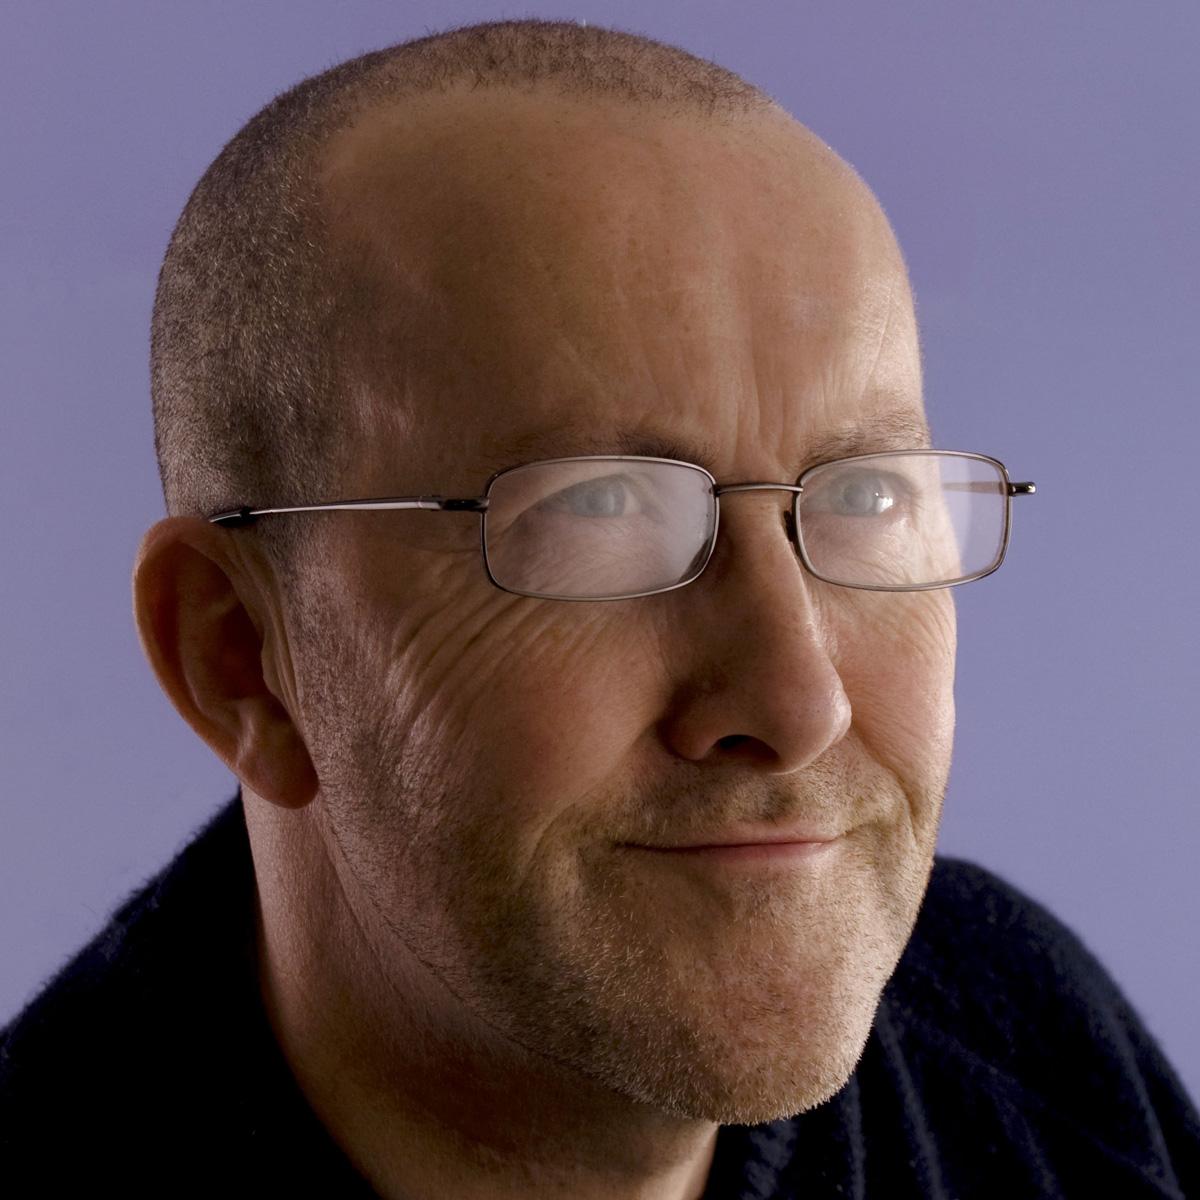 Stephen Bradley - commercial photographer in London